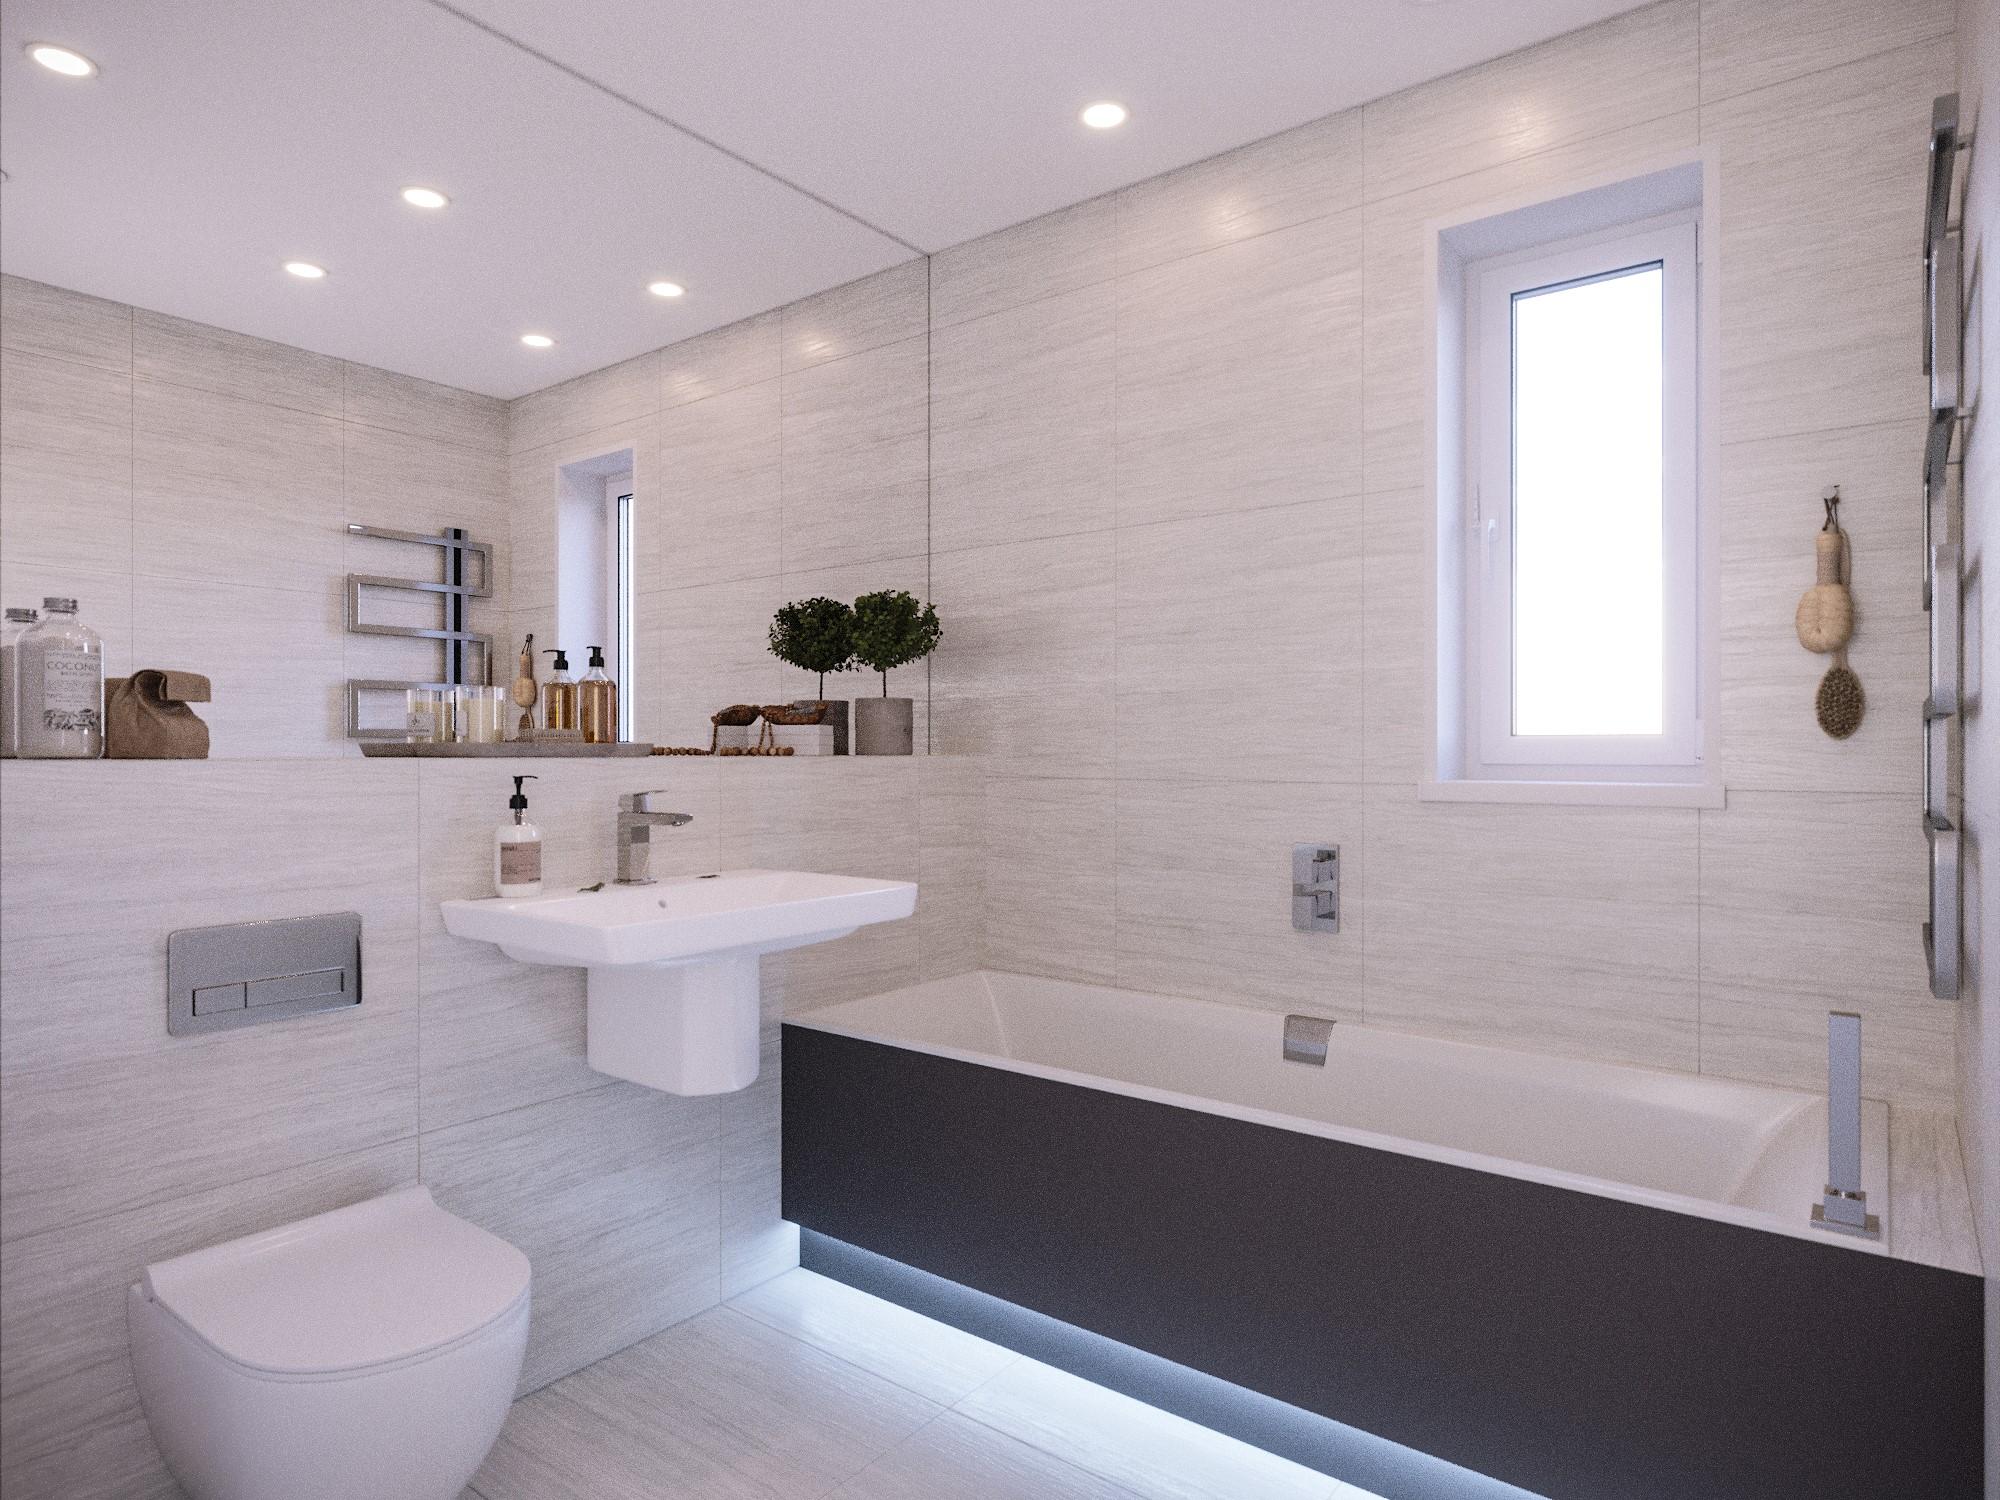 Bathroom at Lime Grove, Gloucester